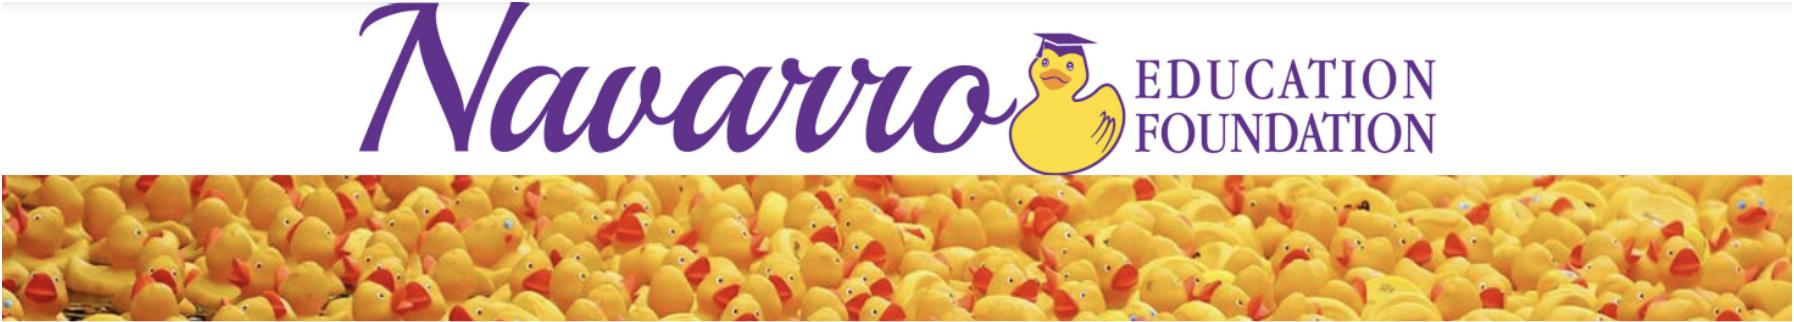 Navarro Education Foundation Header Bar